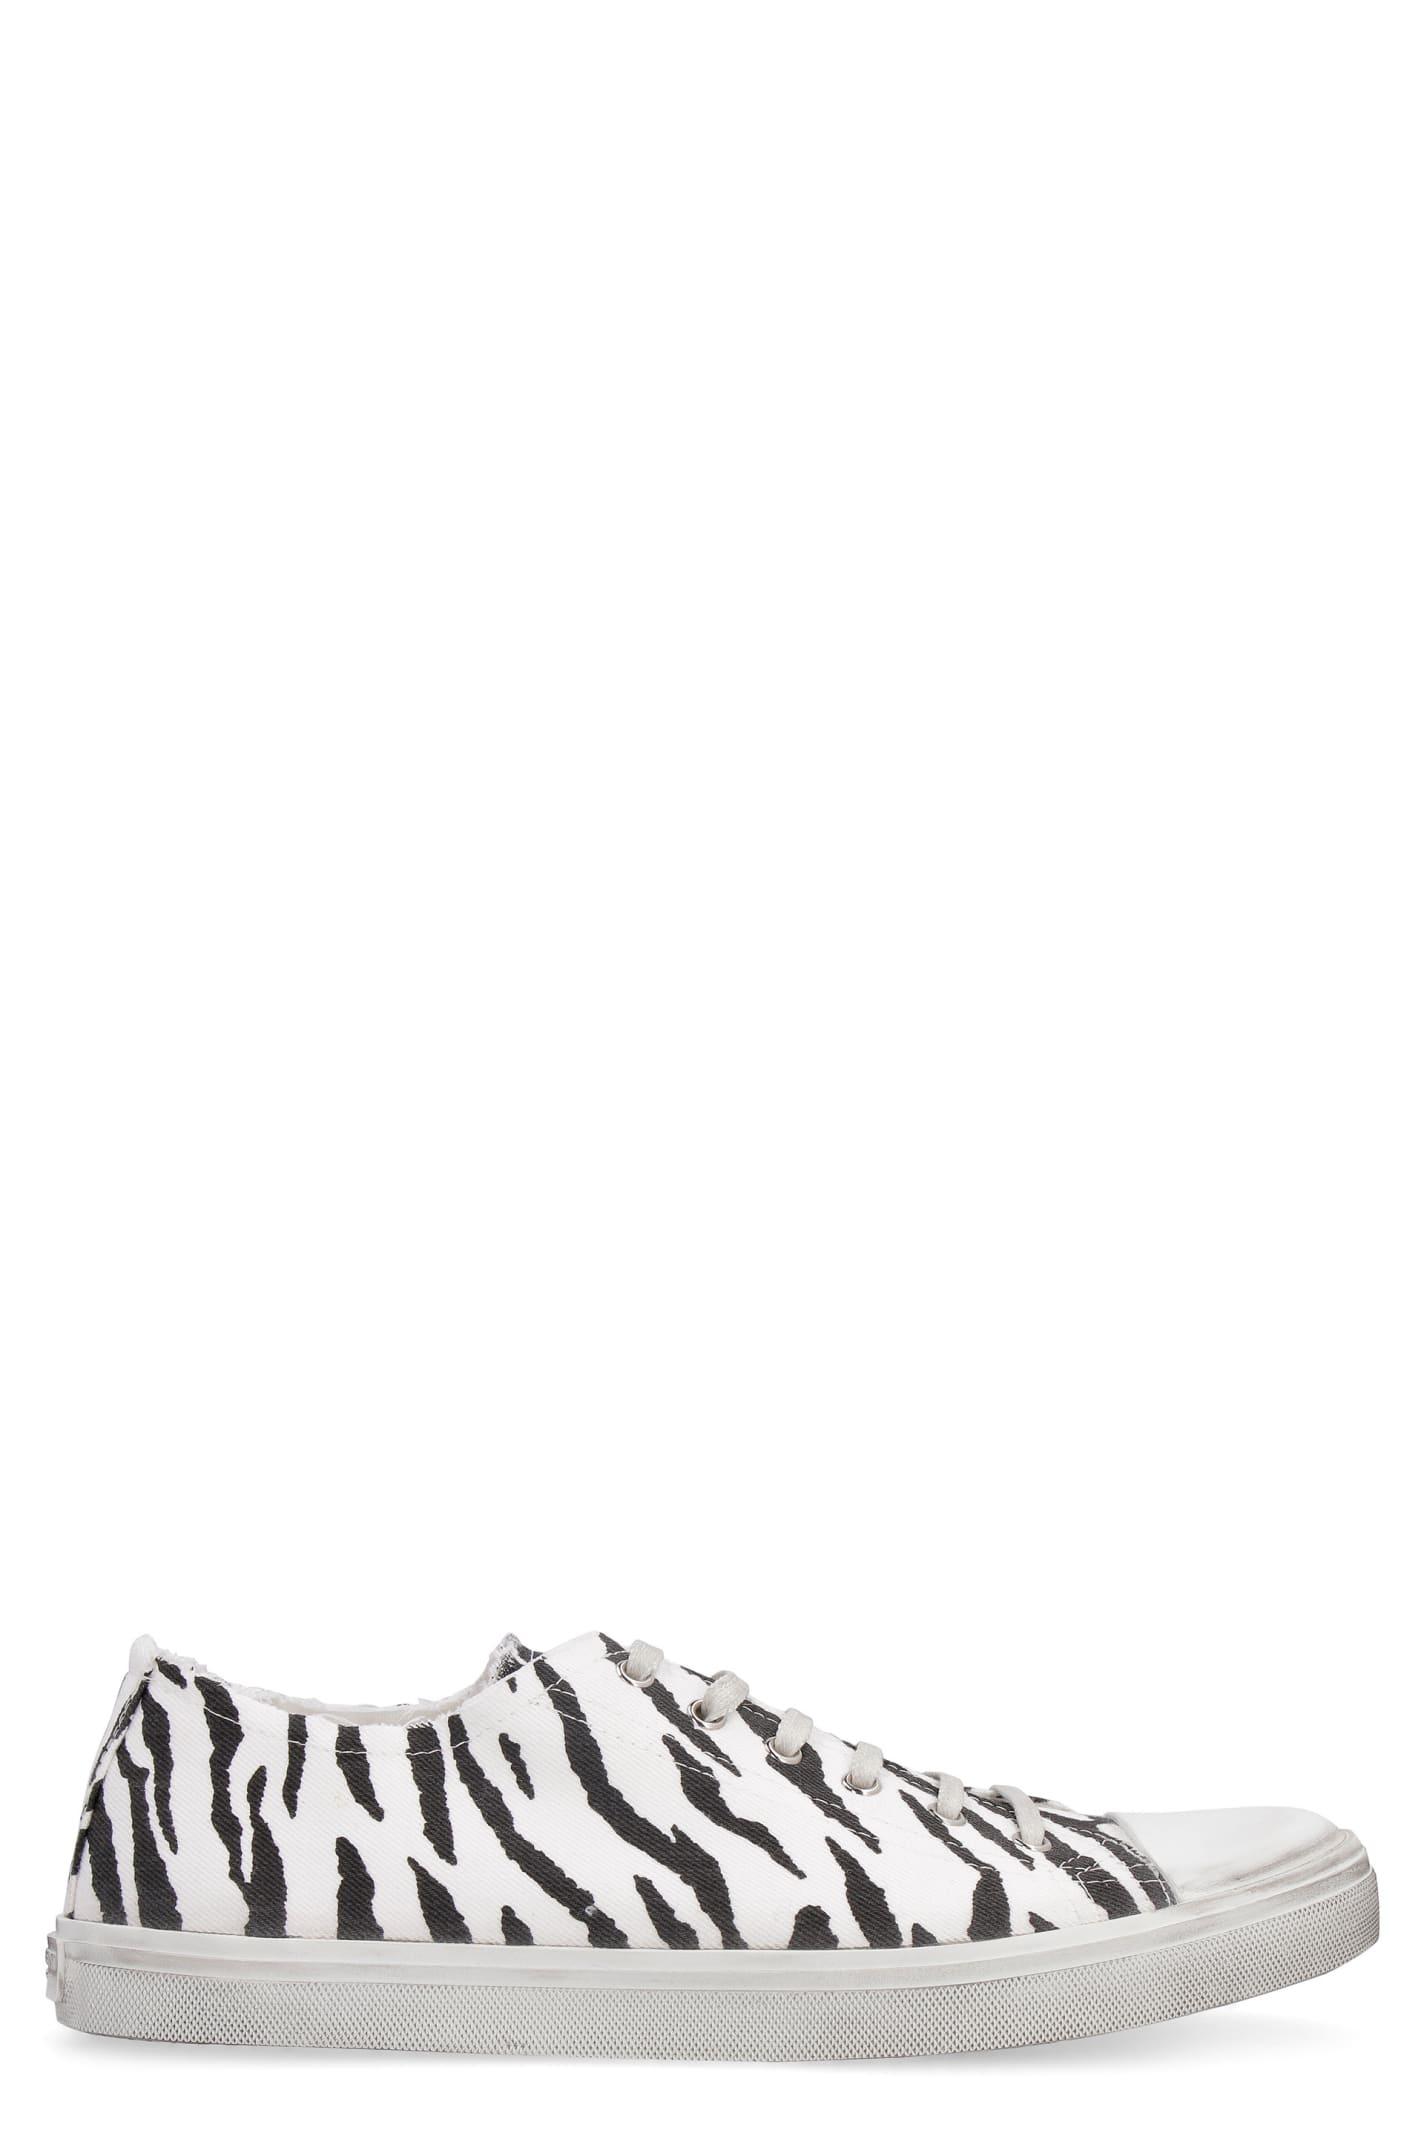 Saint Laurent Bedford Canvas Sneakers